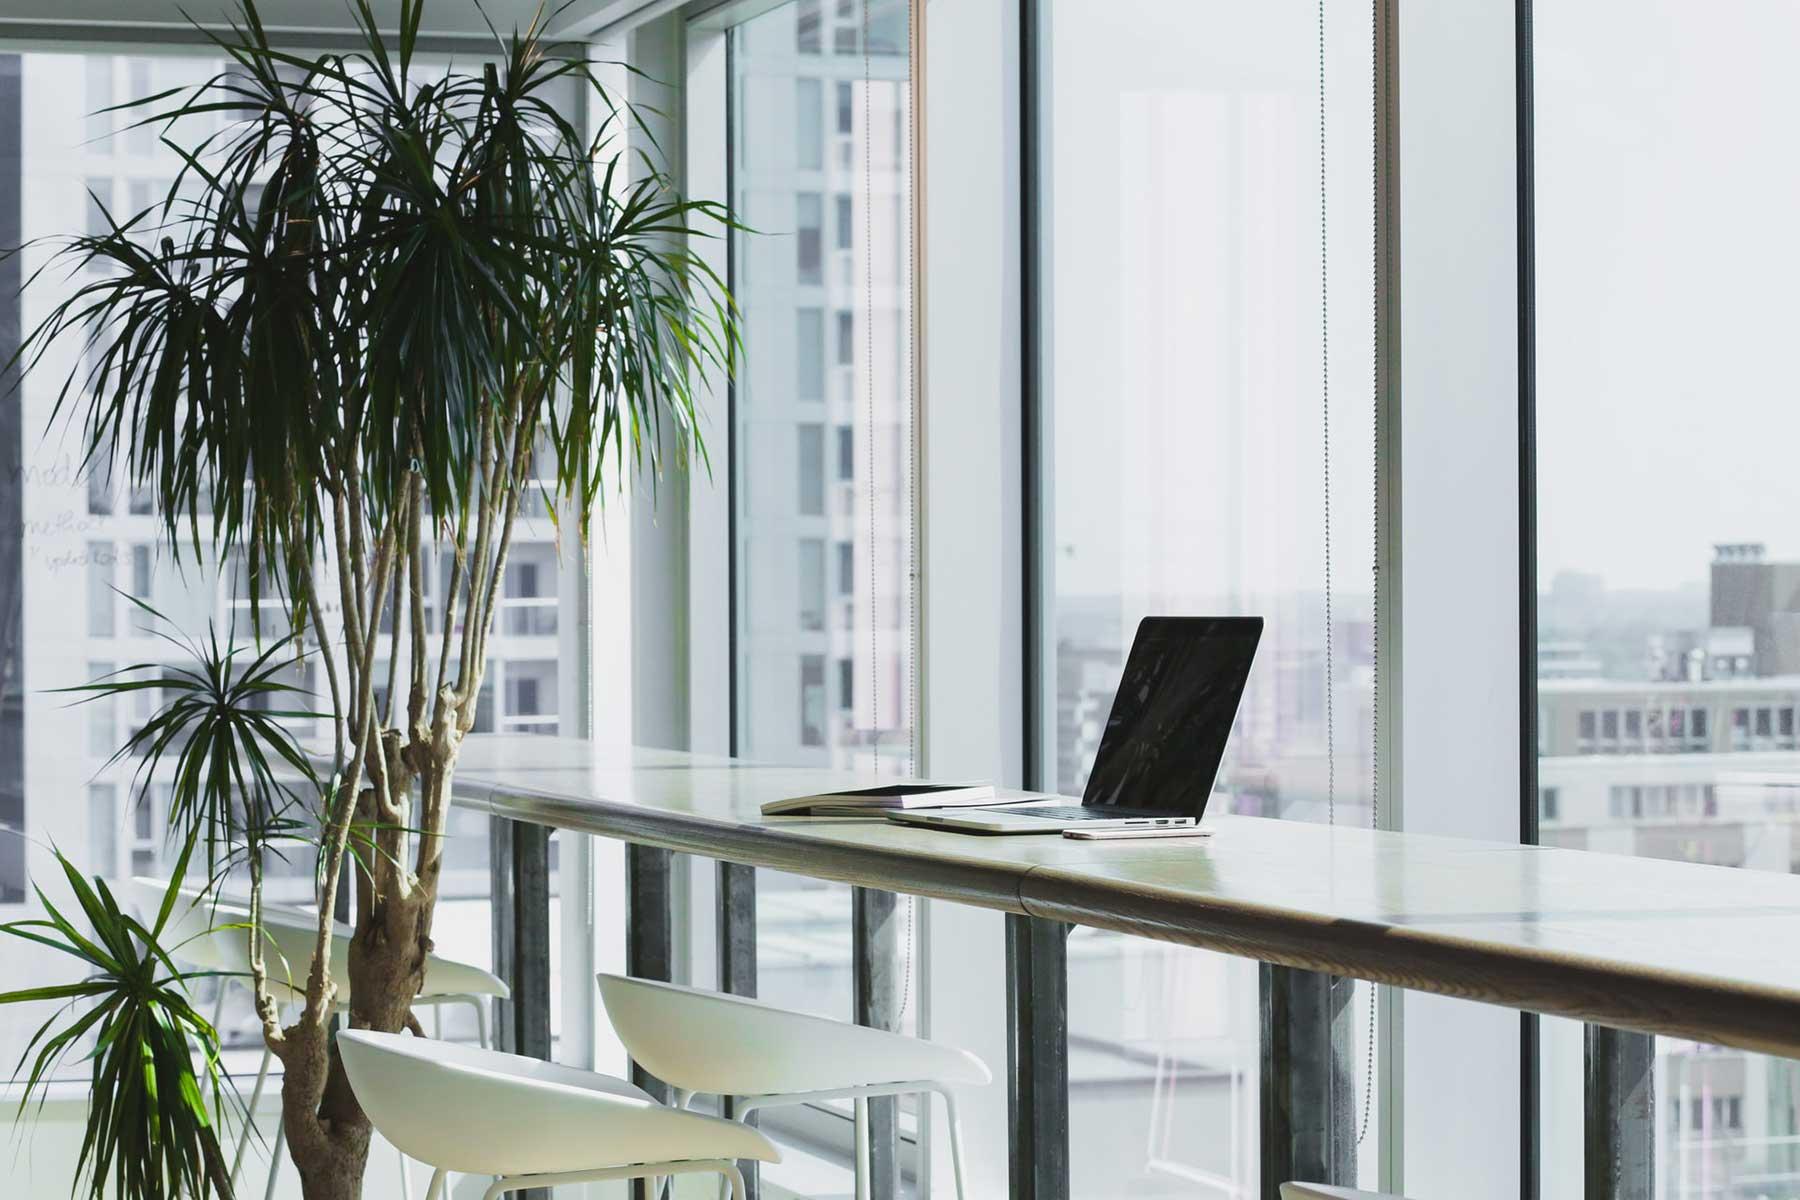 Palmas y palmeras como platas para la oficina